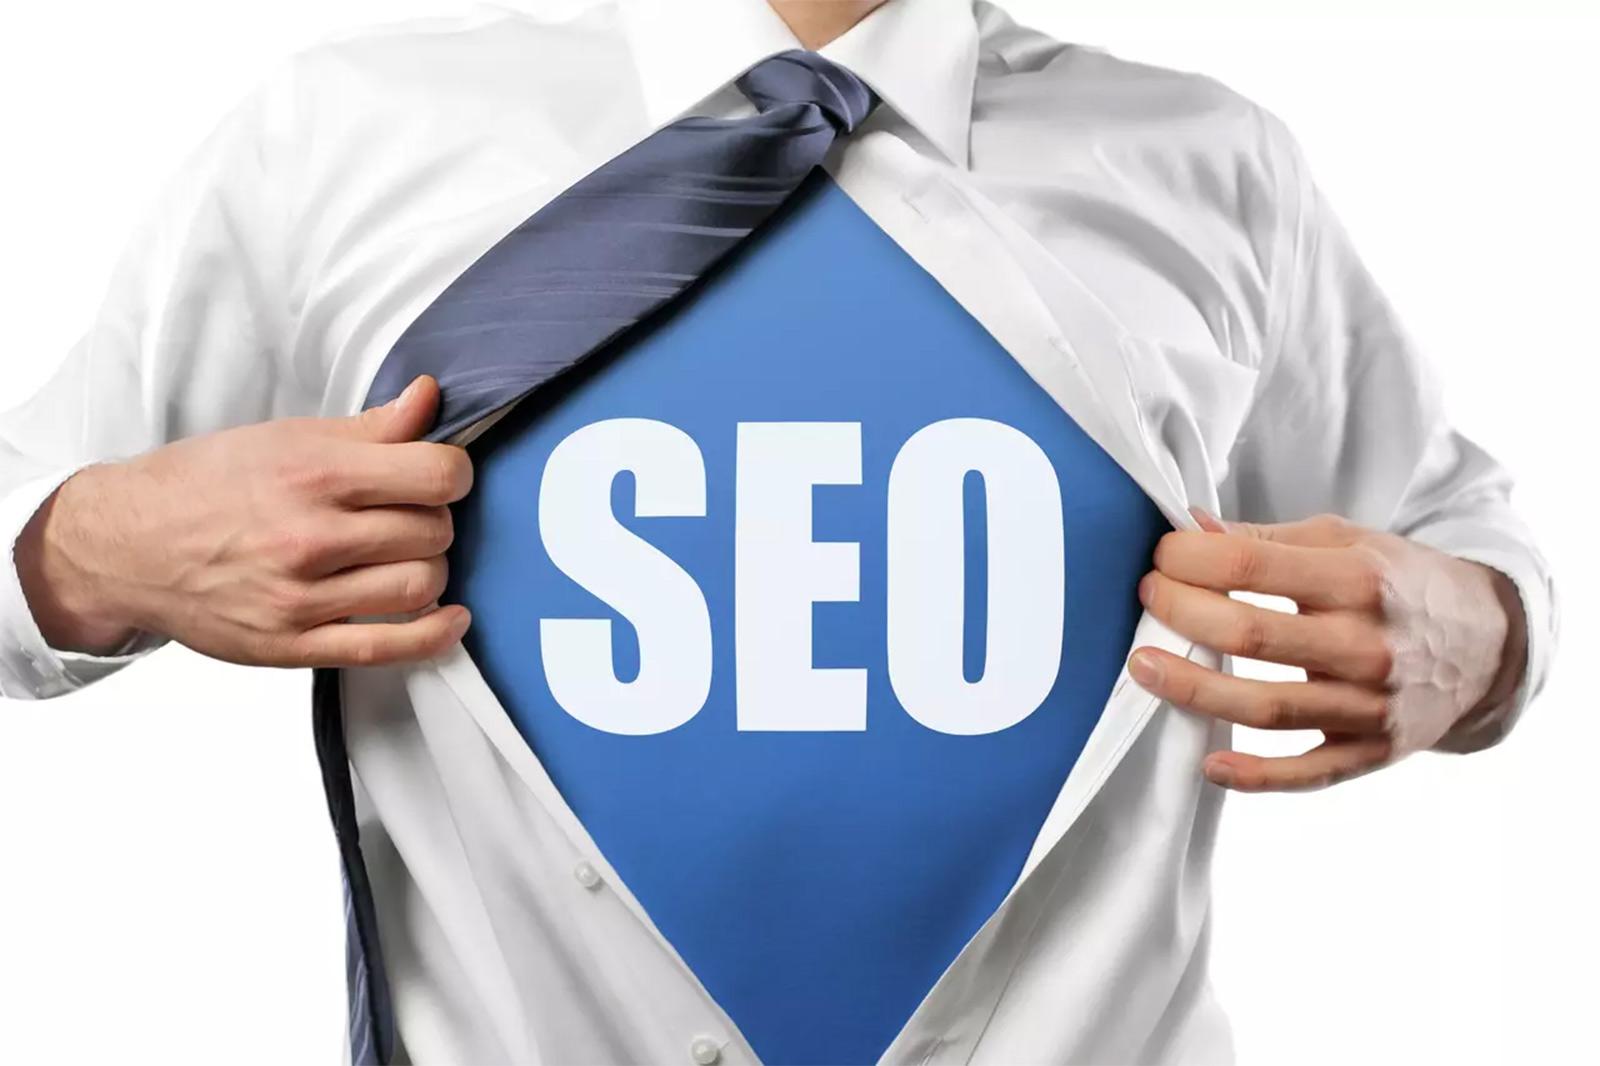 10.12.20г. в 14.00. Бесплатный вебинар: SEO продвижение сайта своими руками